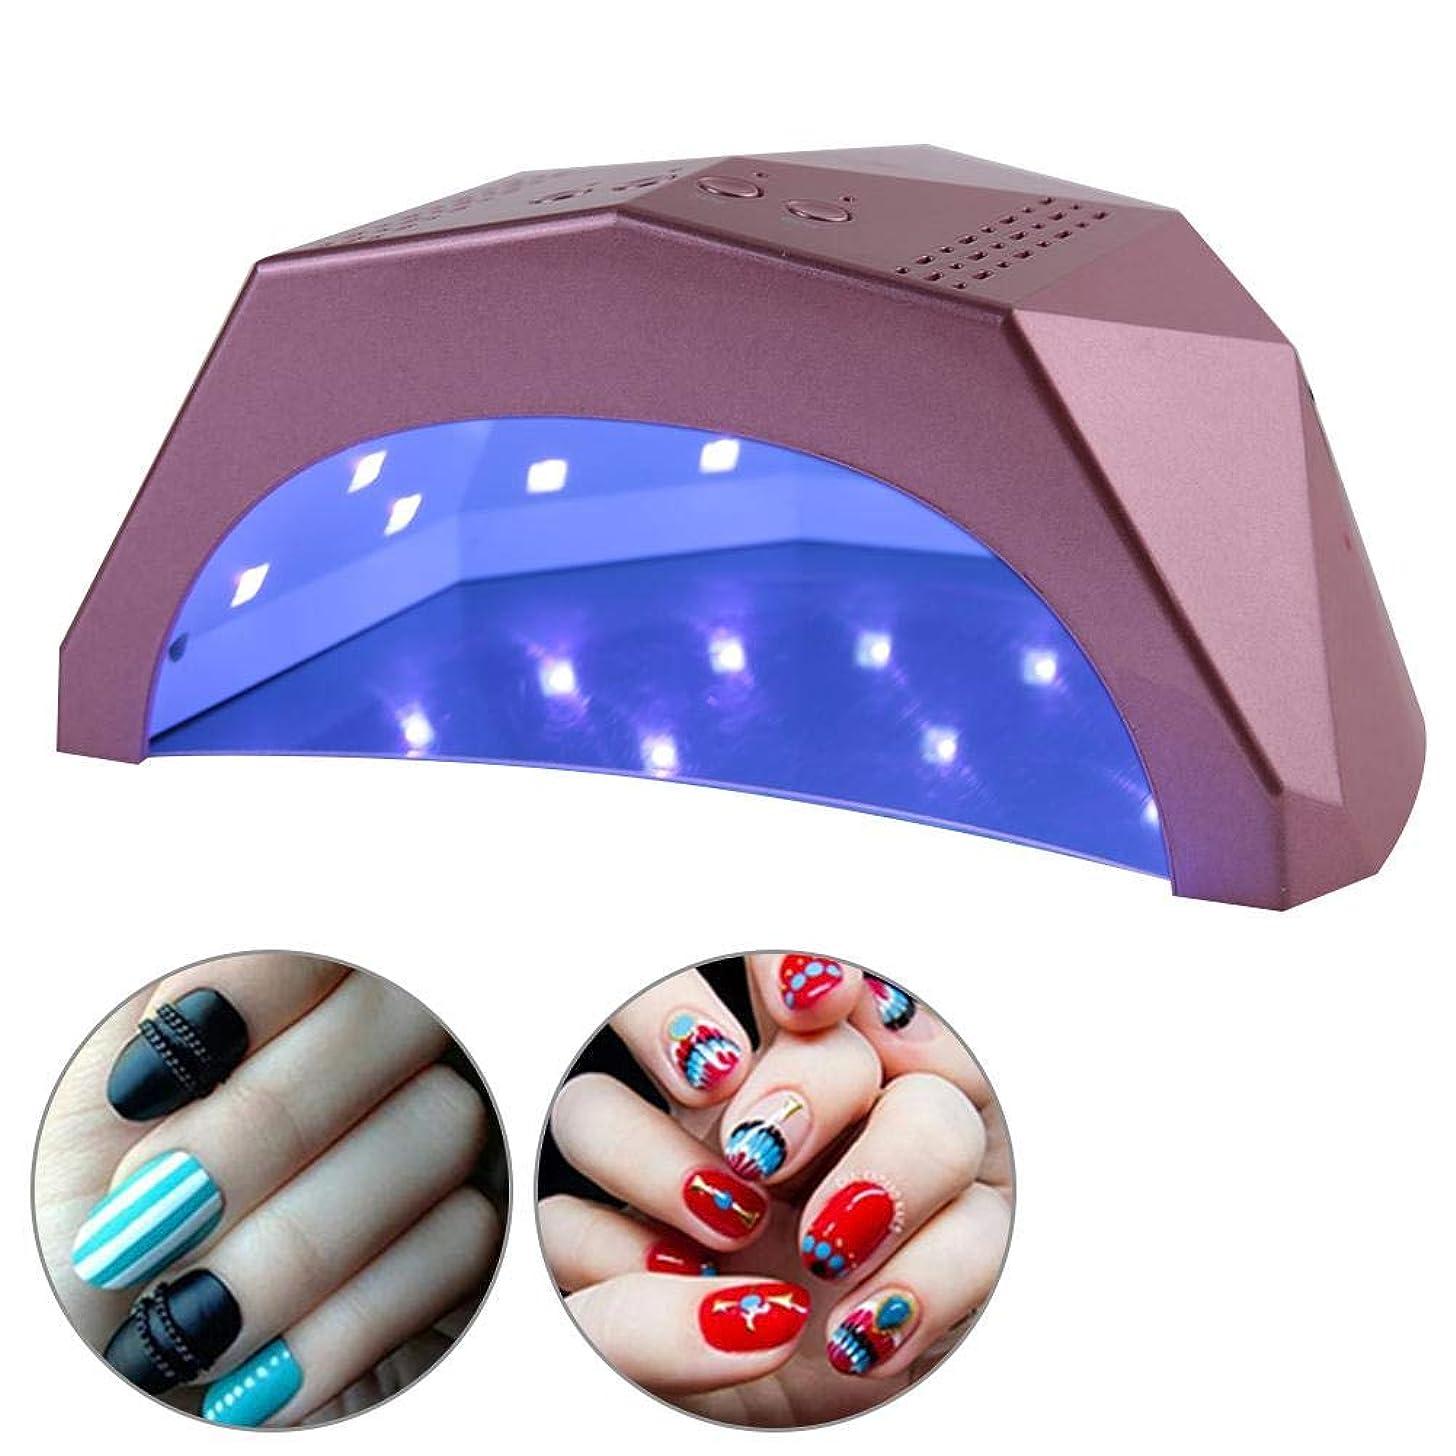 ニコチンスポークスマン定義する24W/48W 切り替え可能ネイルドライヤー 30個LEDライト 自動センサー 3つのタイマー付き UV LED ネイルランプ(01)